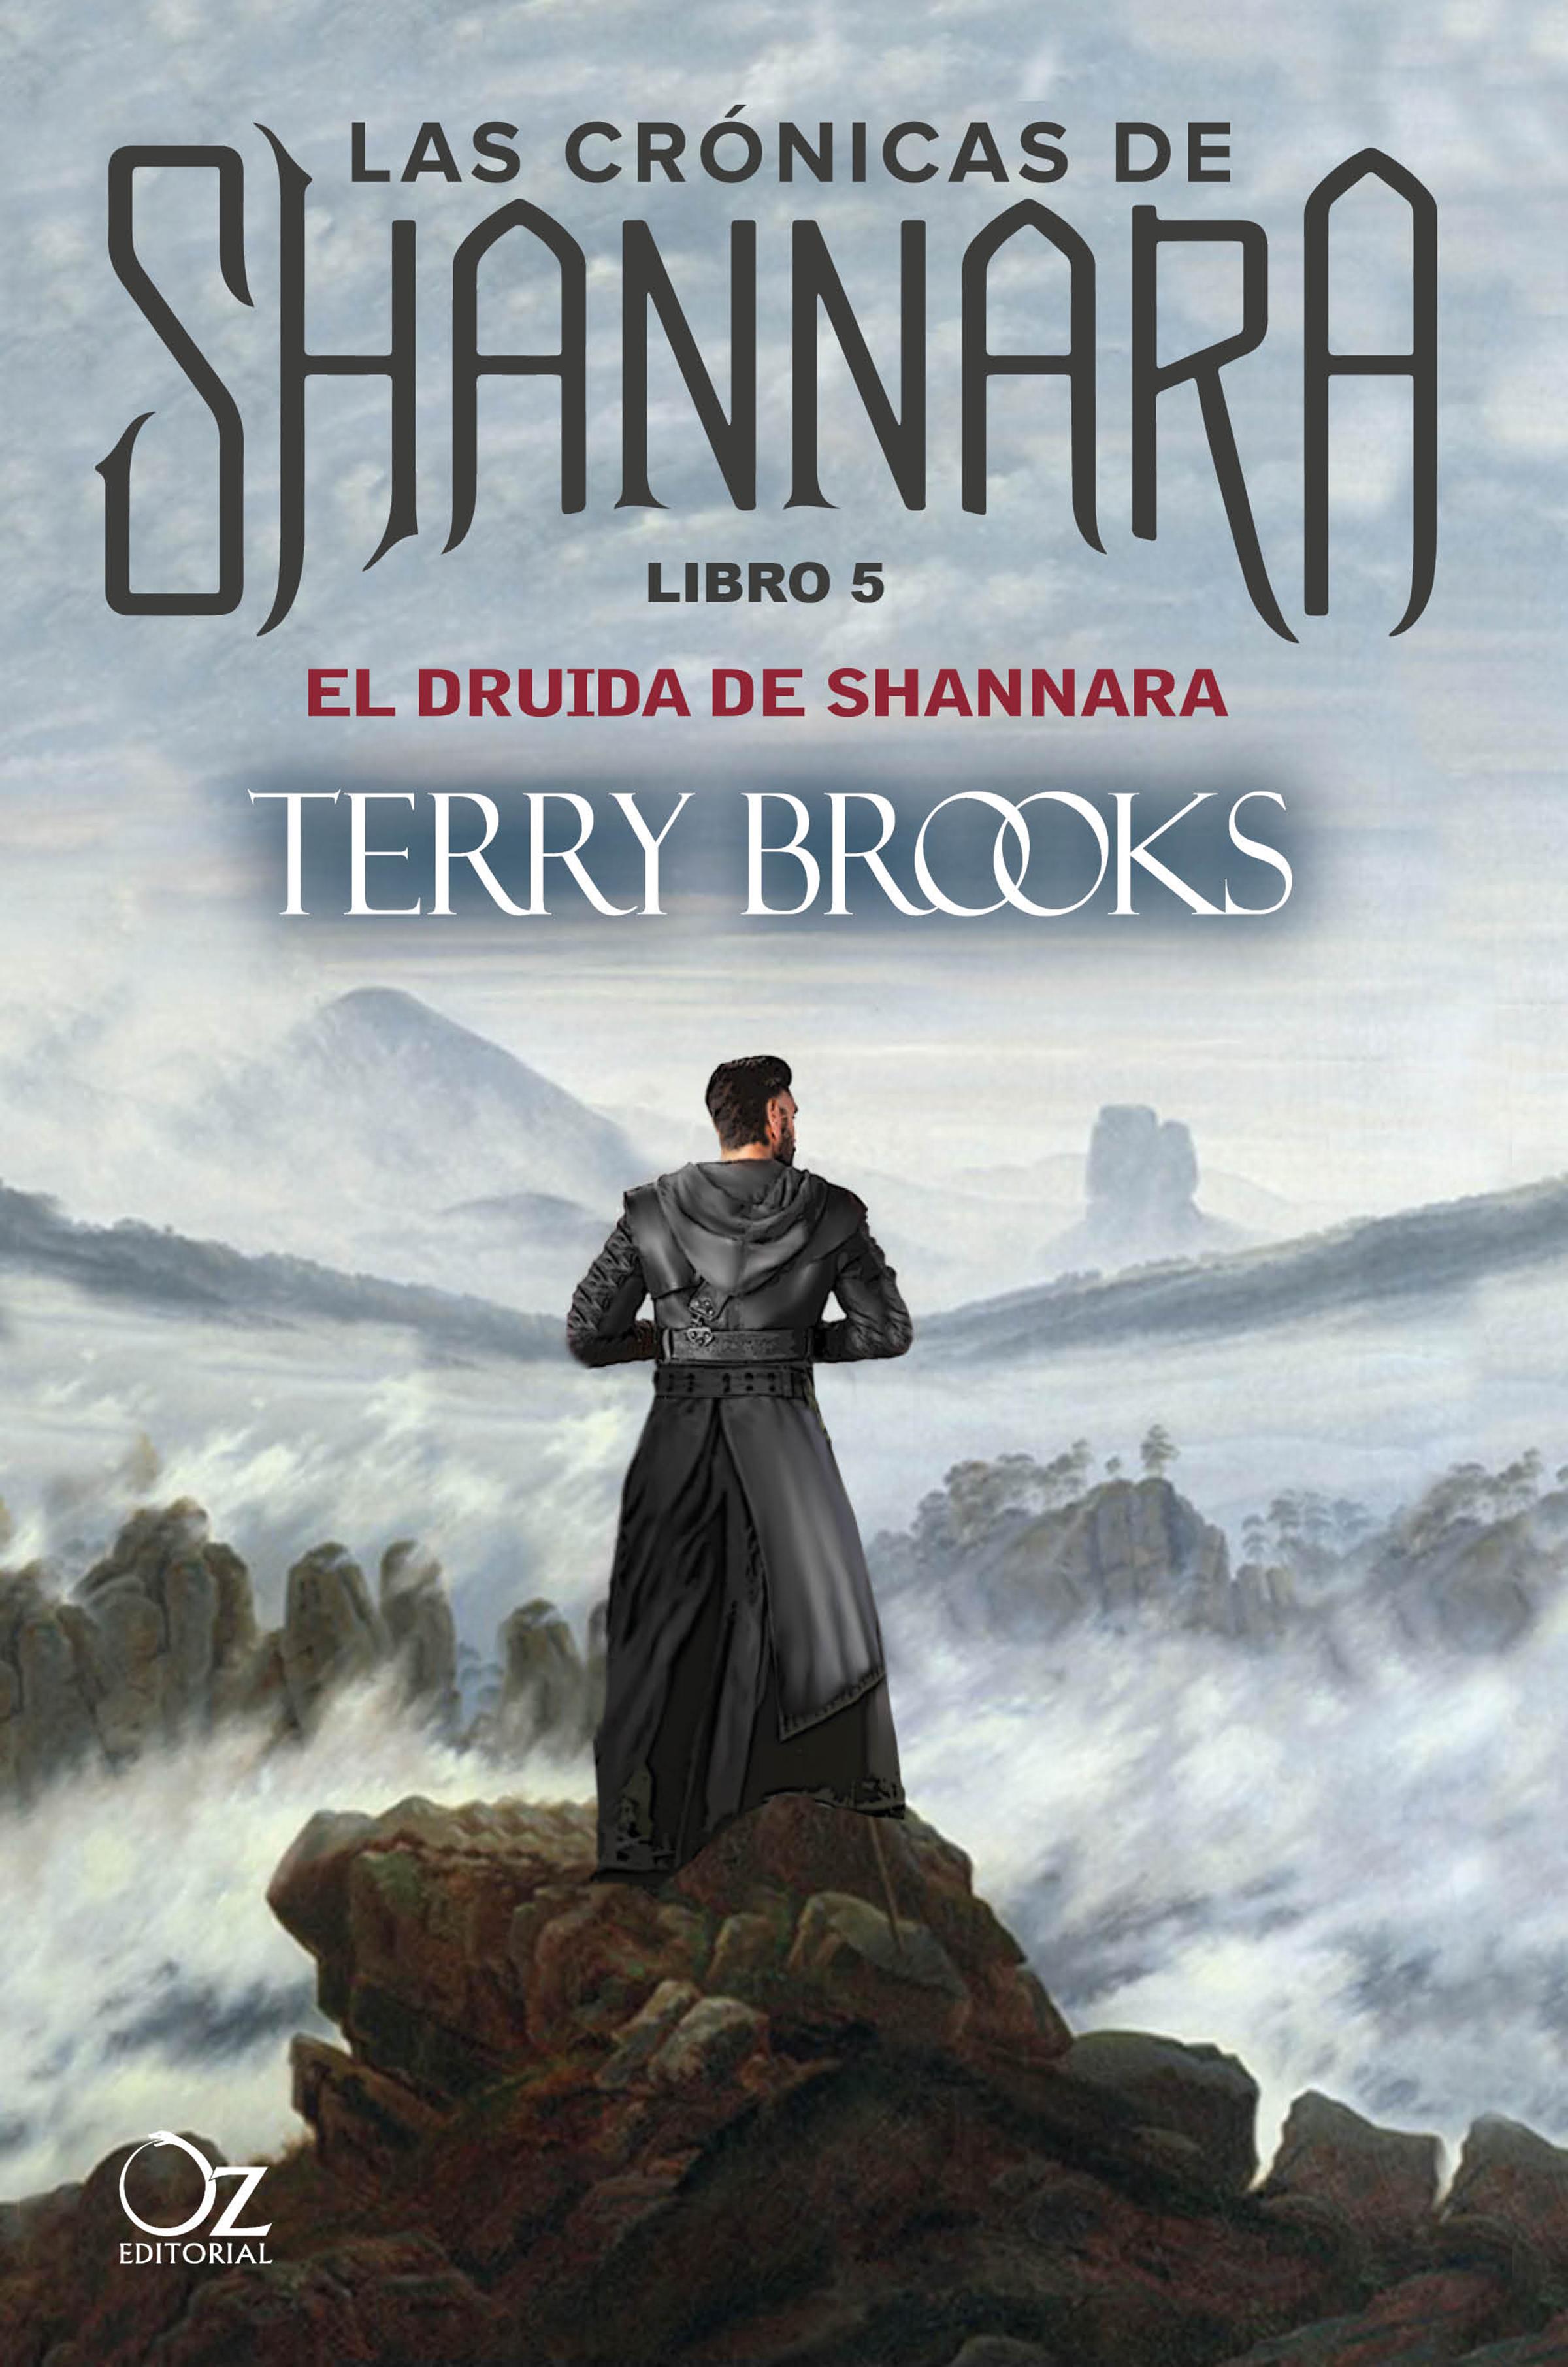 Terry Brooks El druida de Shannara terry brooks los herederos de shannara